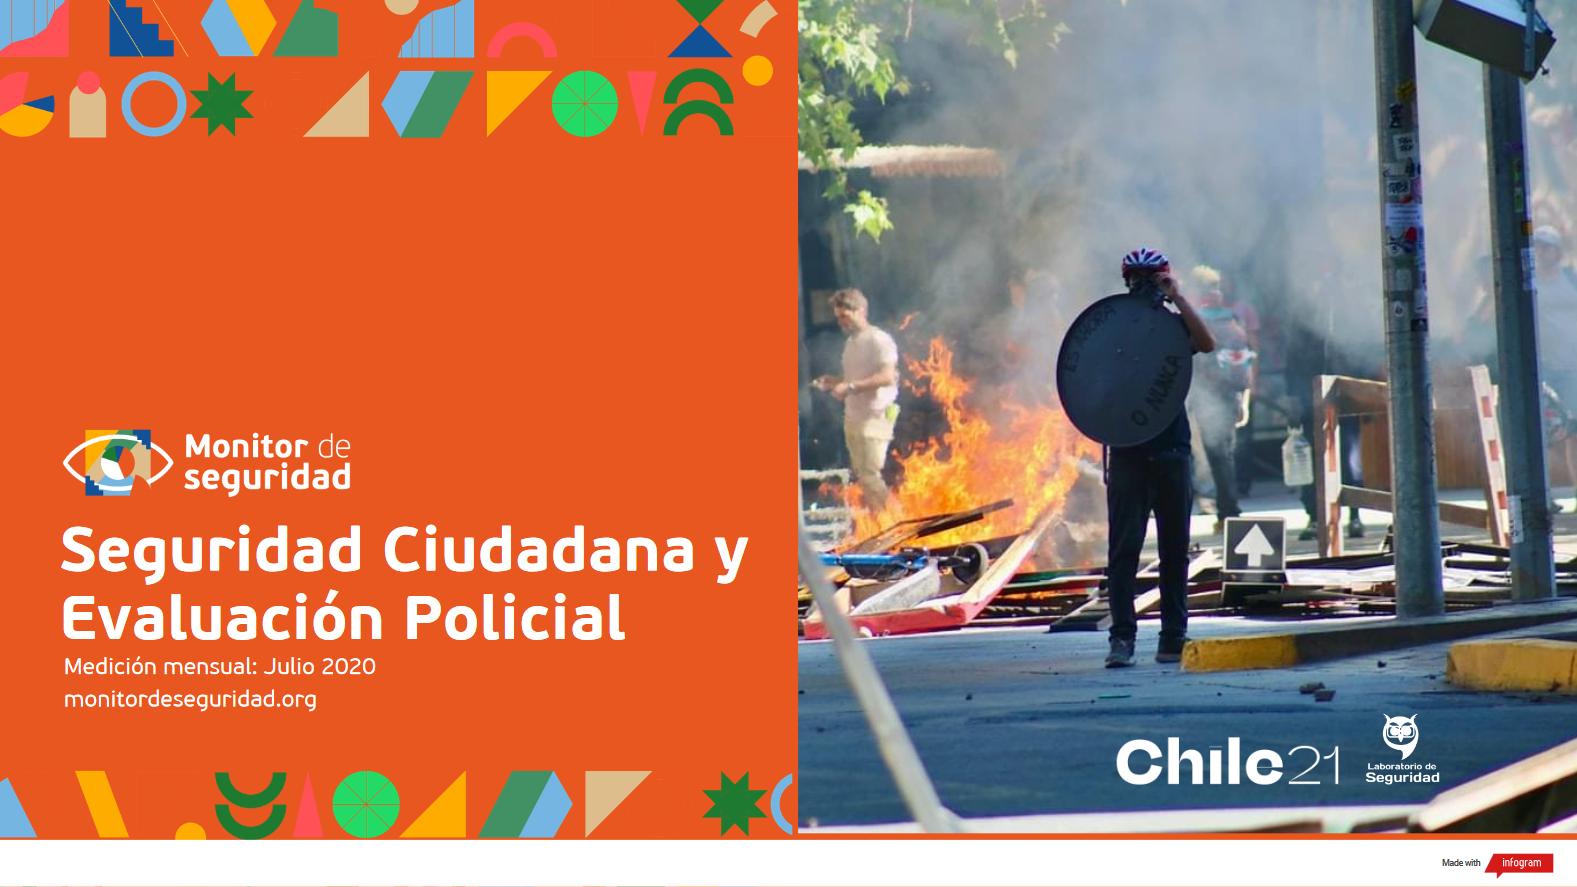 Seguridad Ciudadana y Evaluación Policial | Chile 21